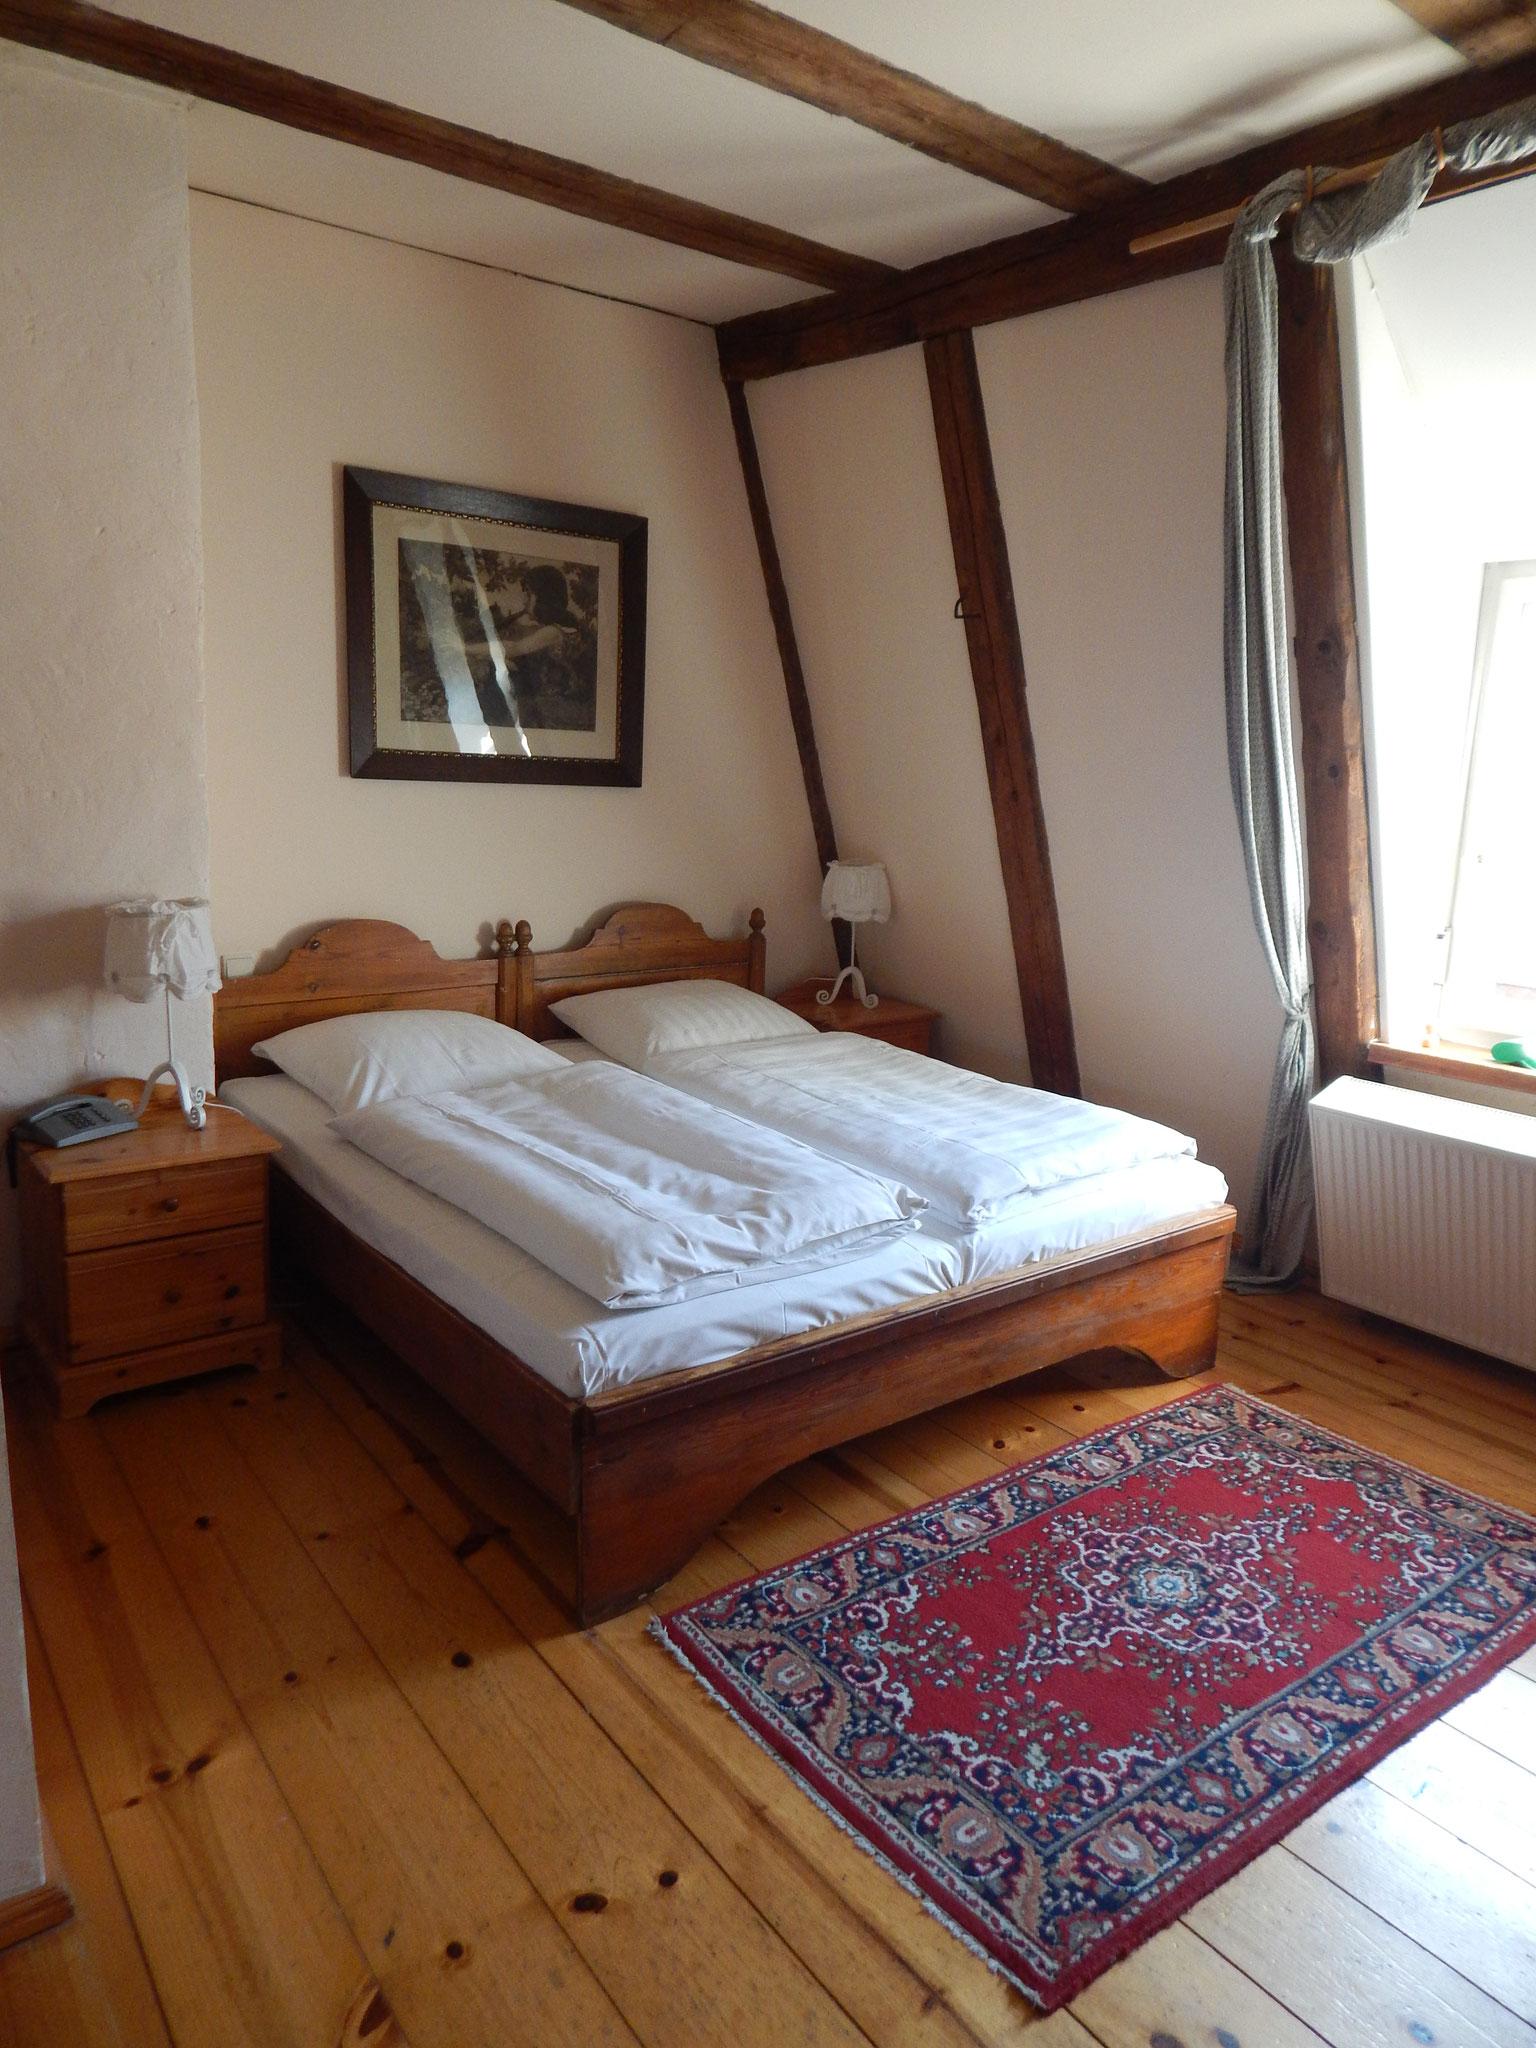 Doppelzimmer im Hotel Alte Försterei Kloster Zinna